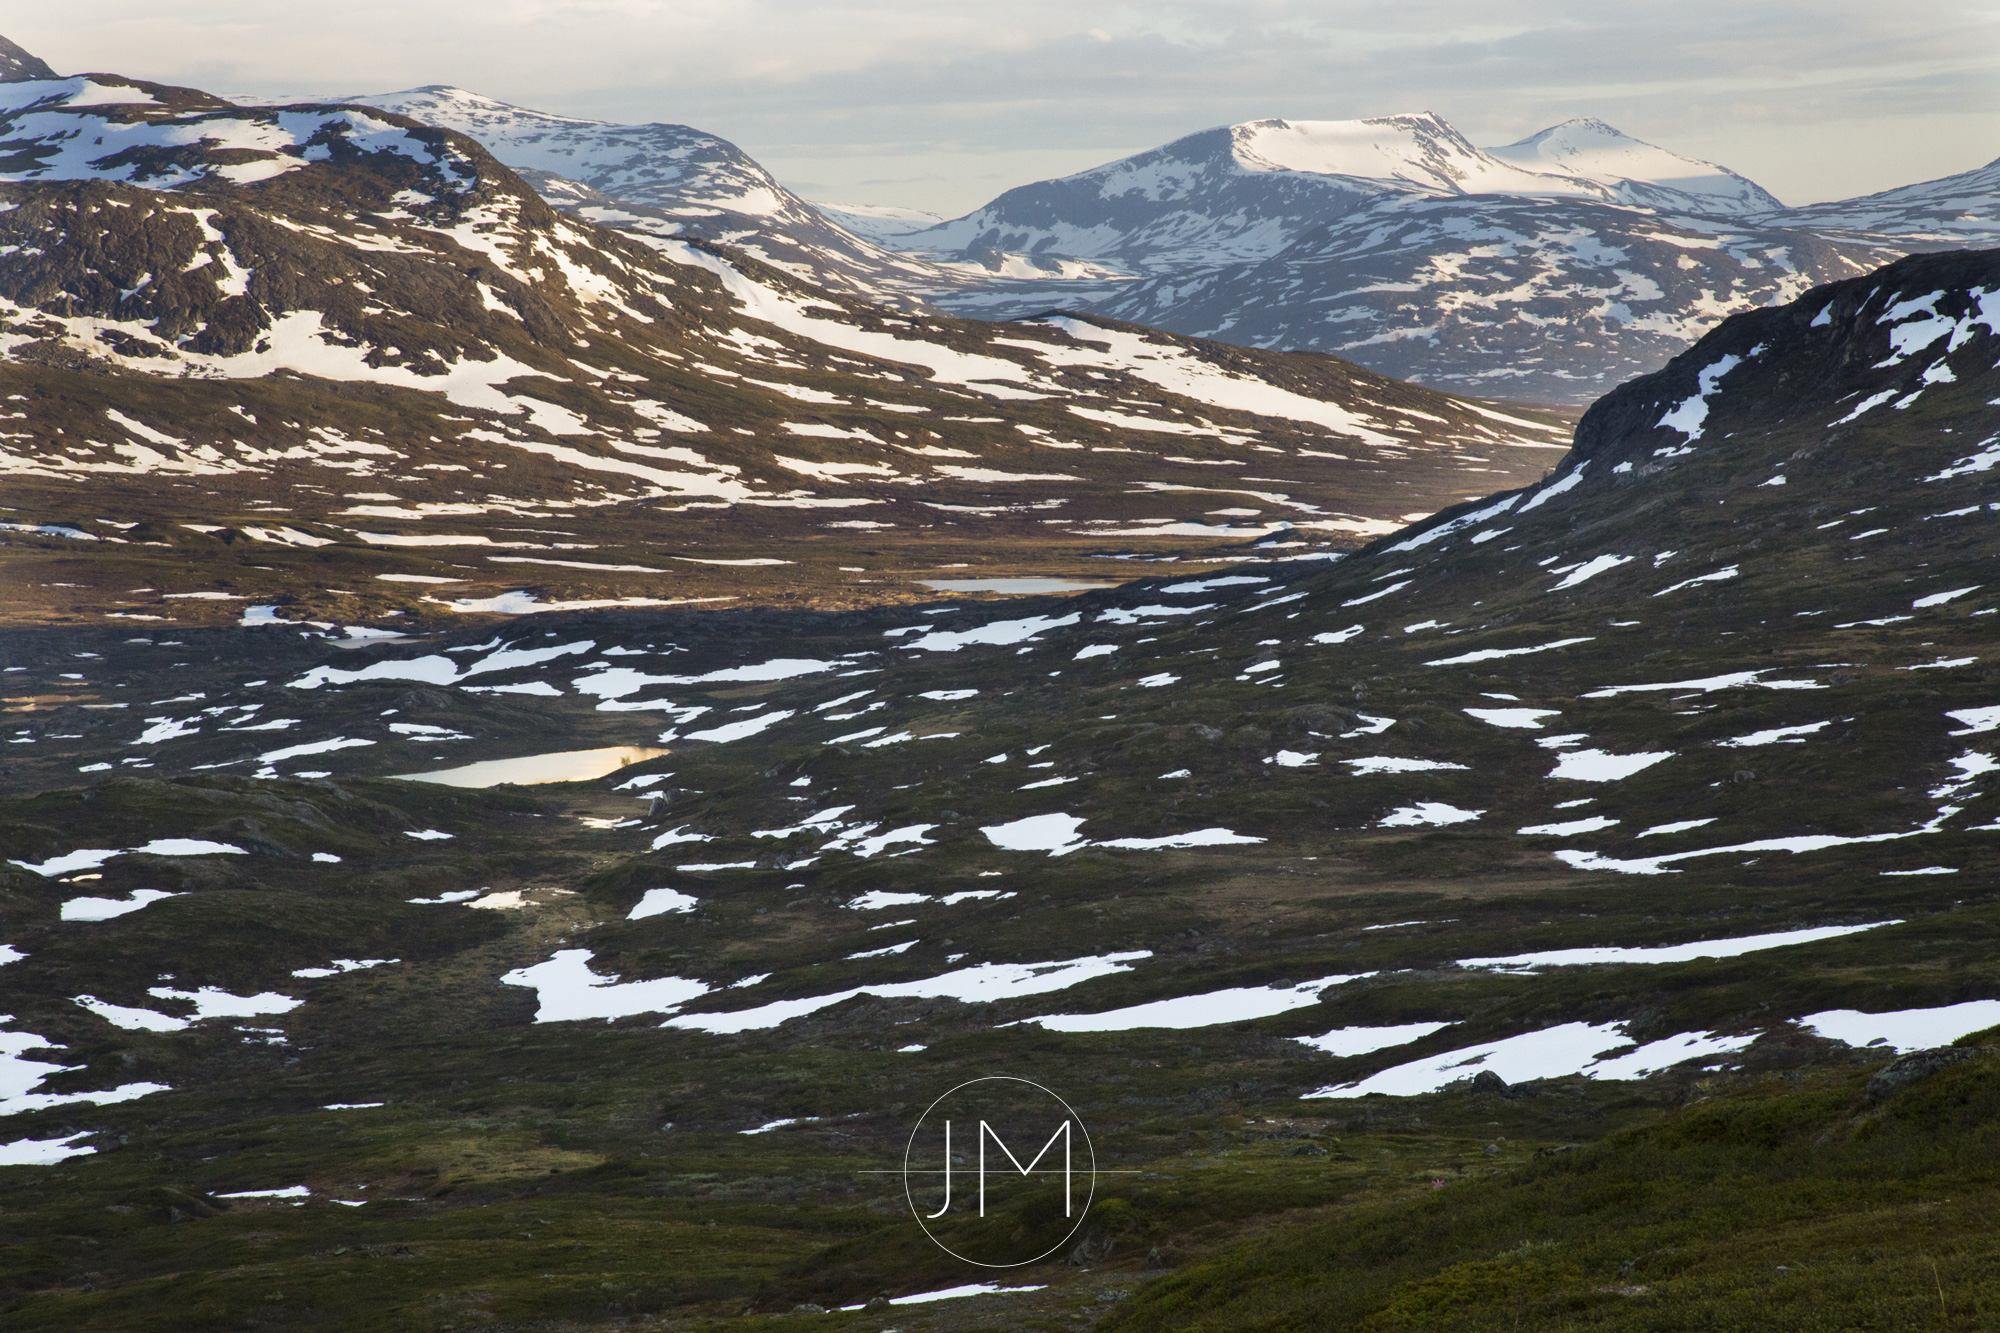 JM_ADDC_9